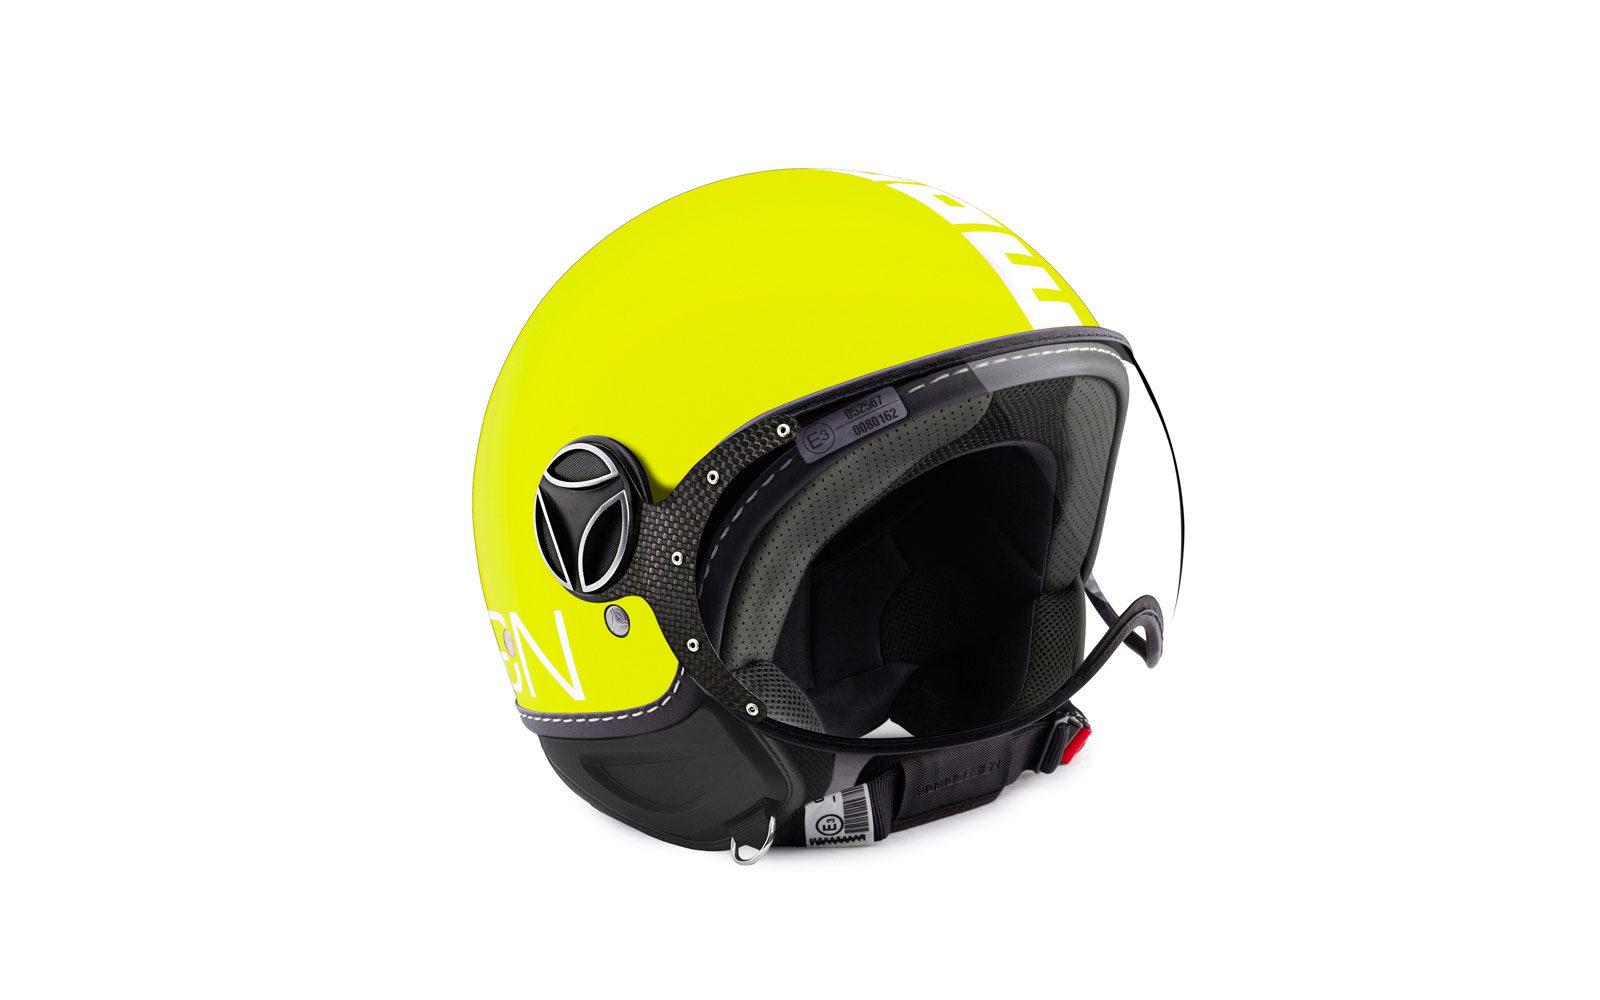 MOMODESIGN casco giallo lime, con visiera antigraffio 189 euro  www.momodesign.com